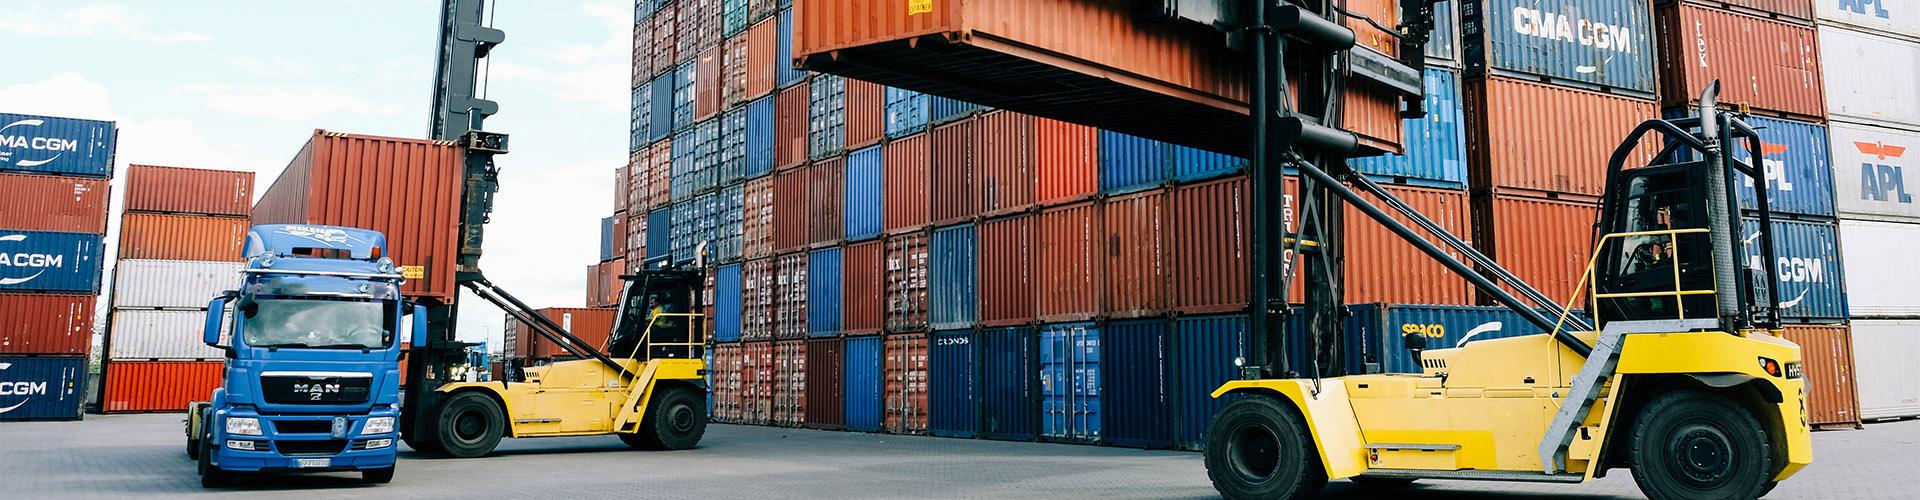 Logistics Multipurpose Platform & Container Depot